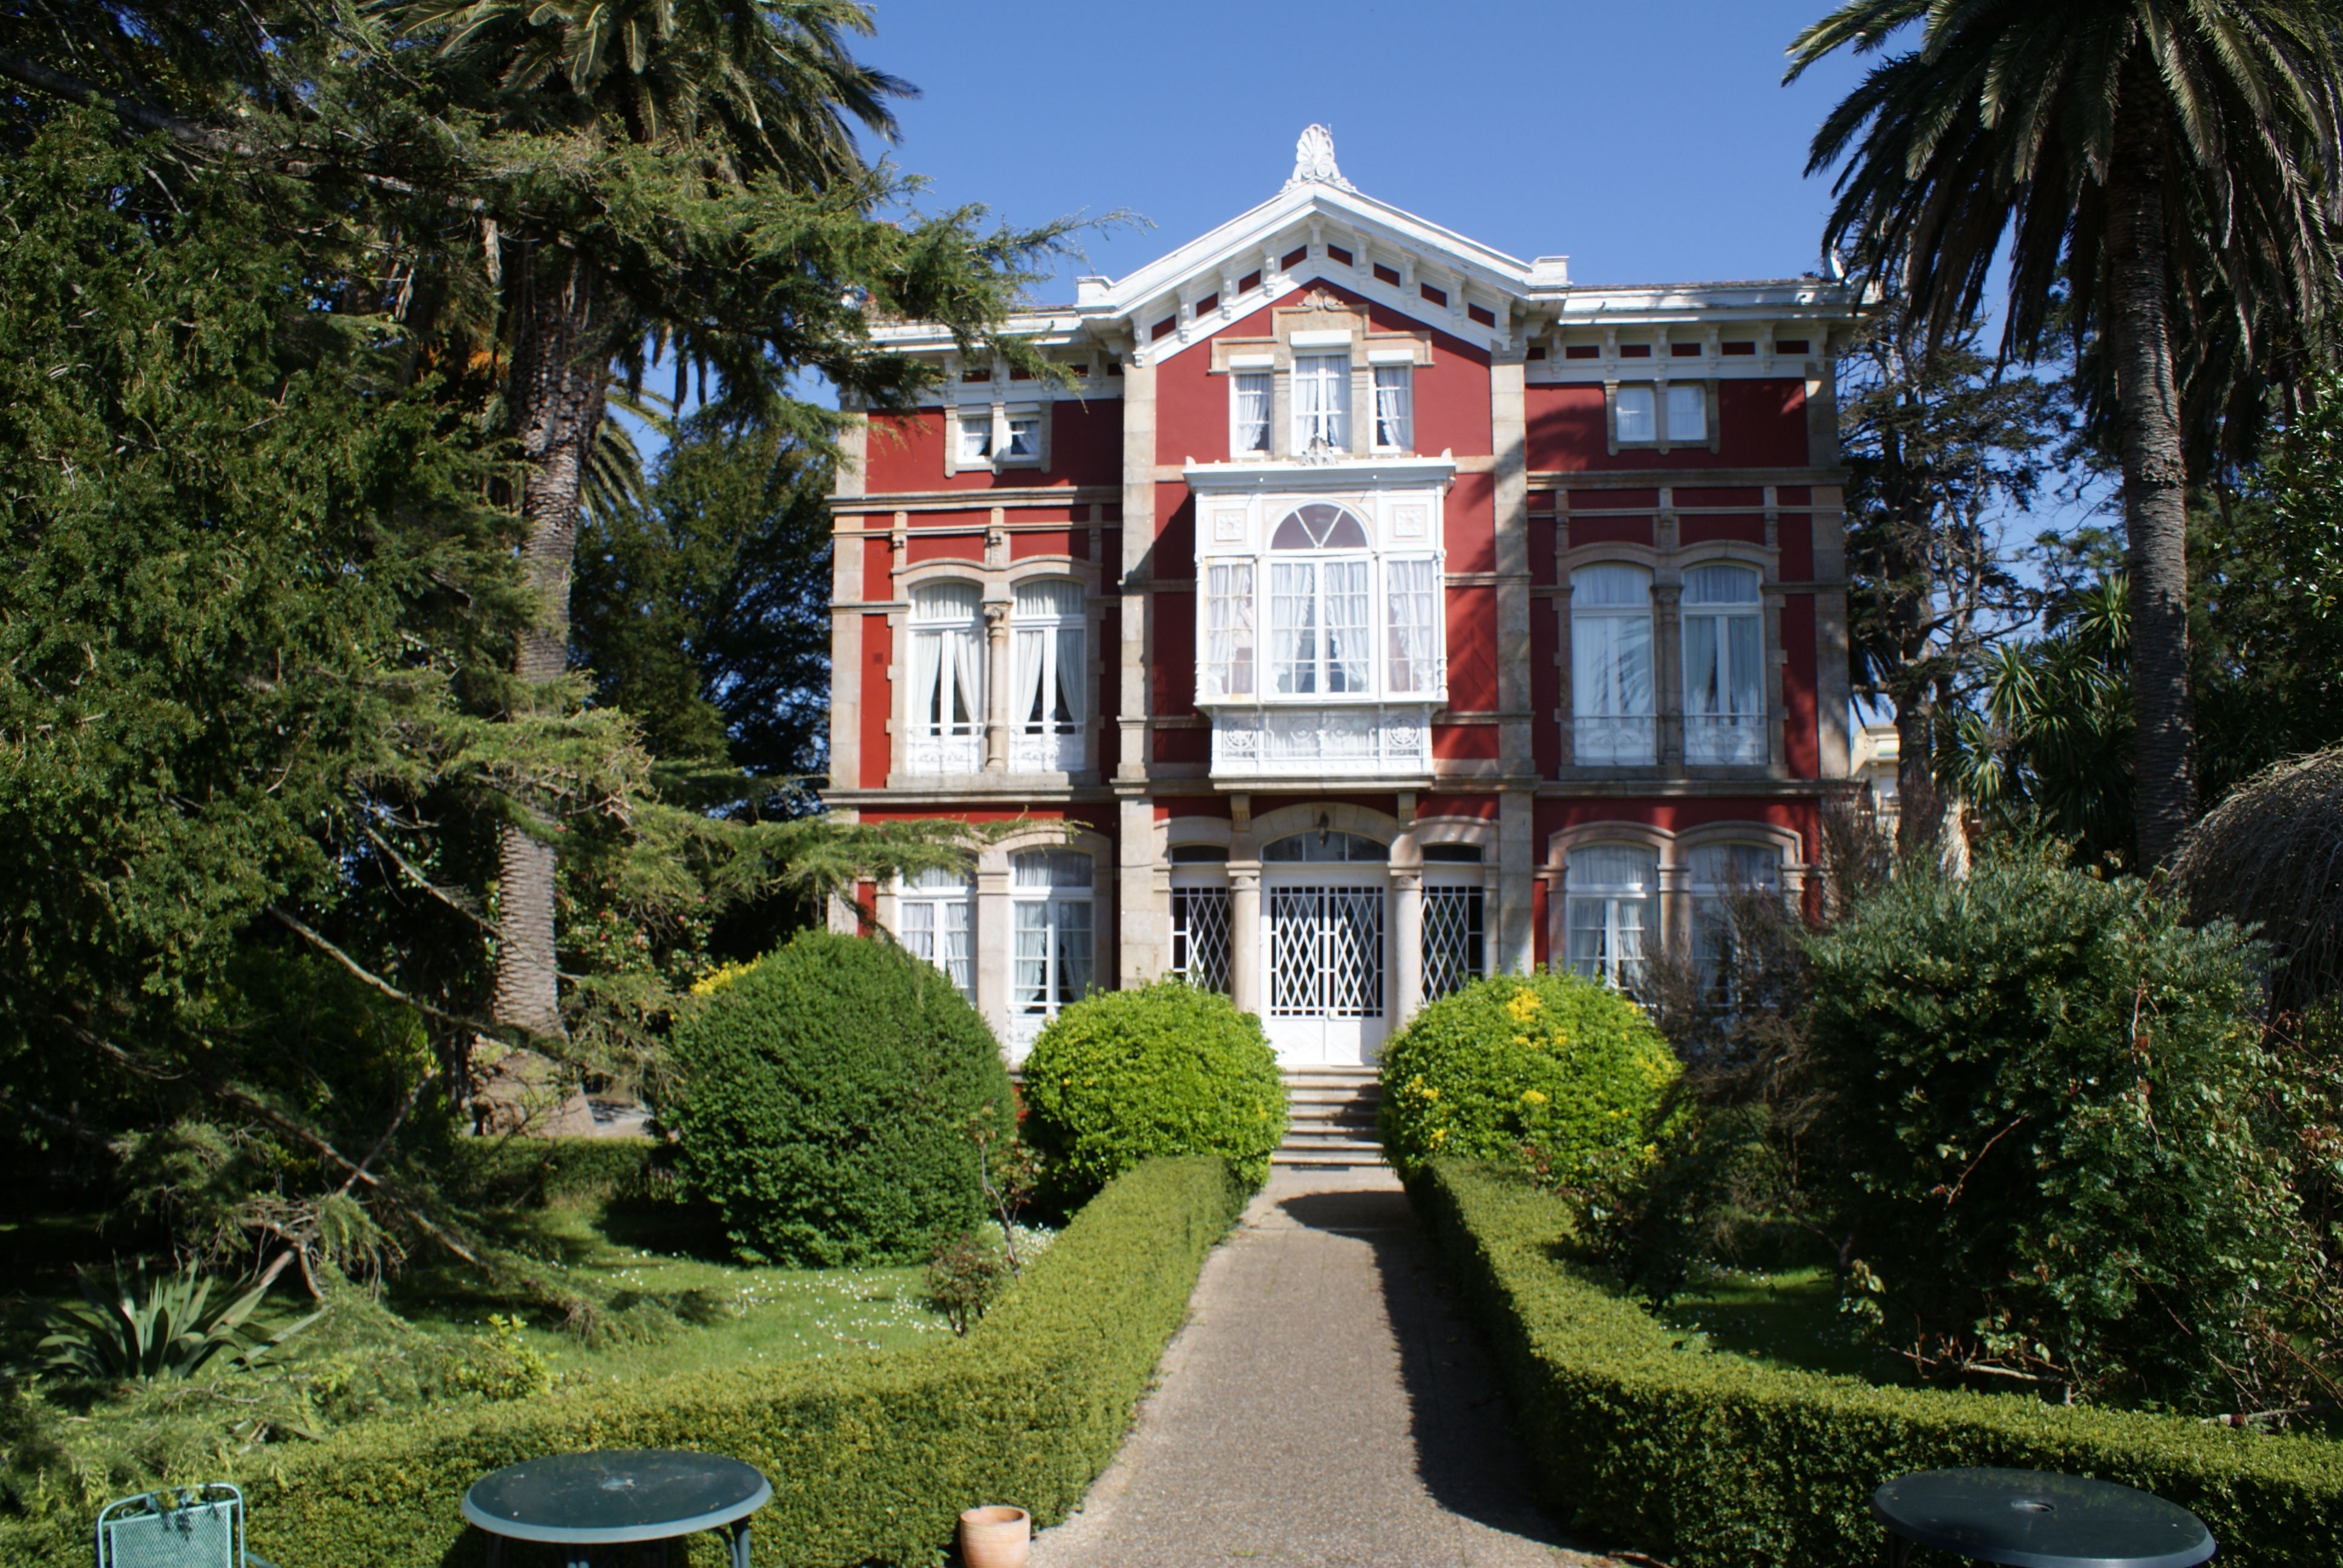 Villa La Argentina Palacio Indiano De 1899 Luarca Asturias Espa A  # Muebles Luarca Asturias